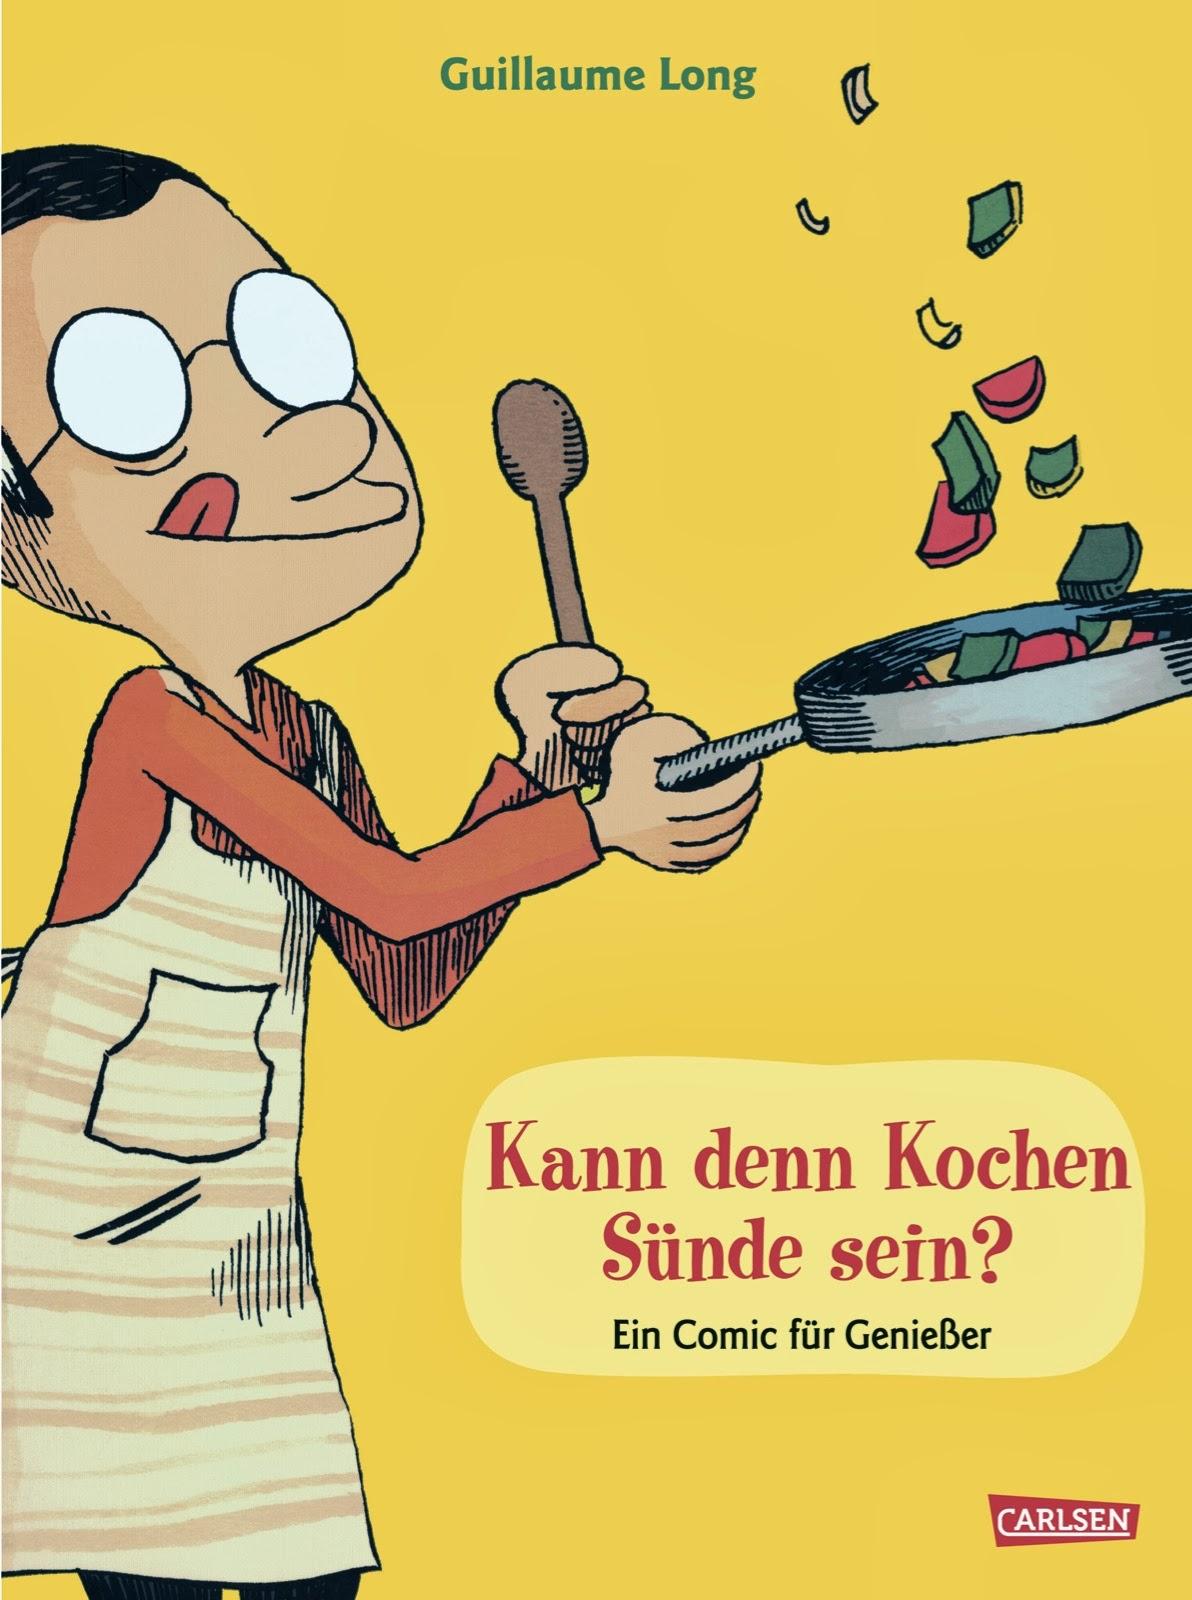 Kann den kochen Sünde sein? - ein Comic für Genießer von Guillaume Long